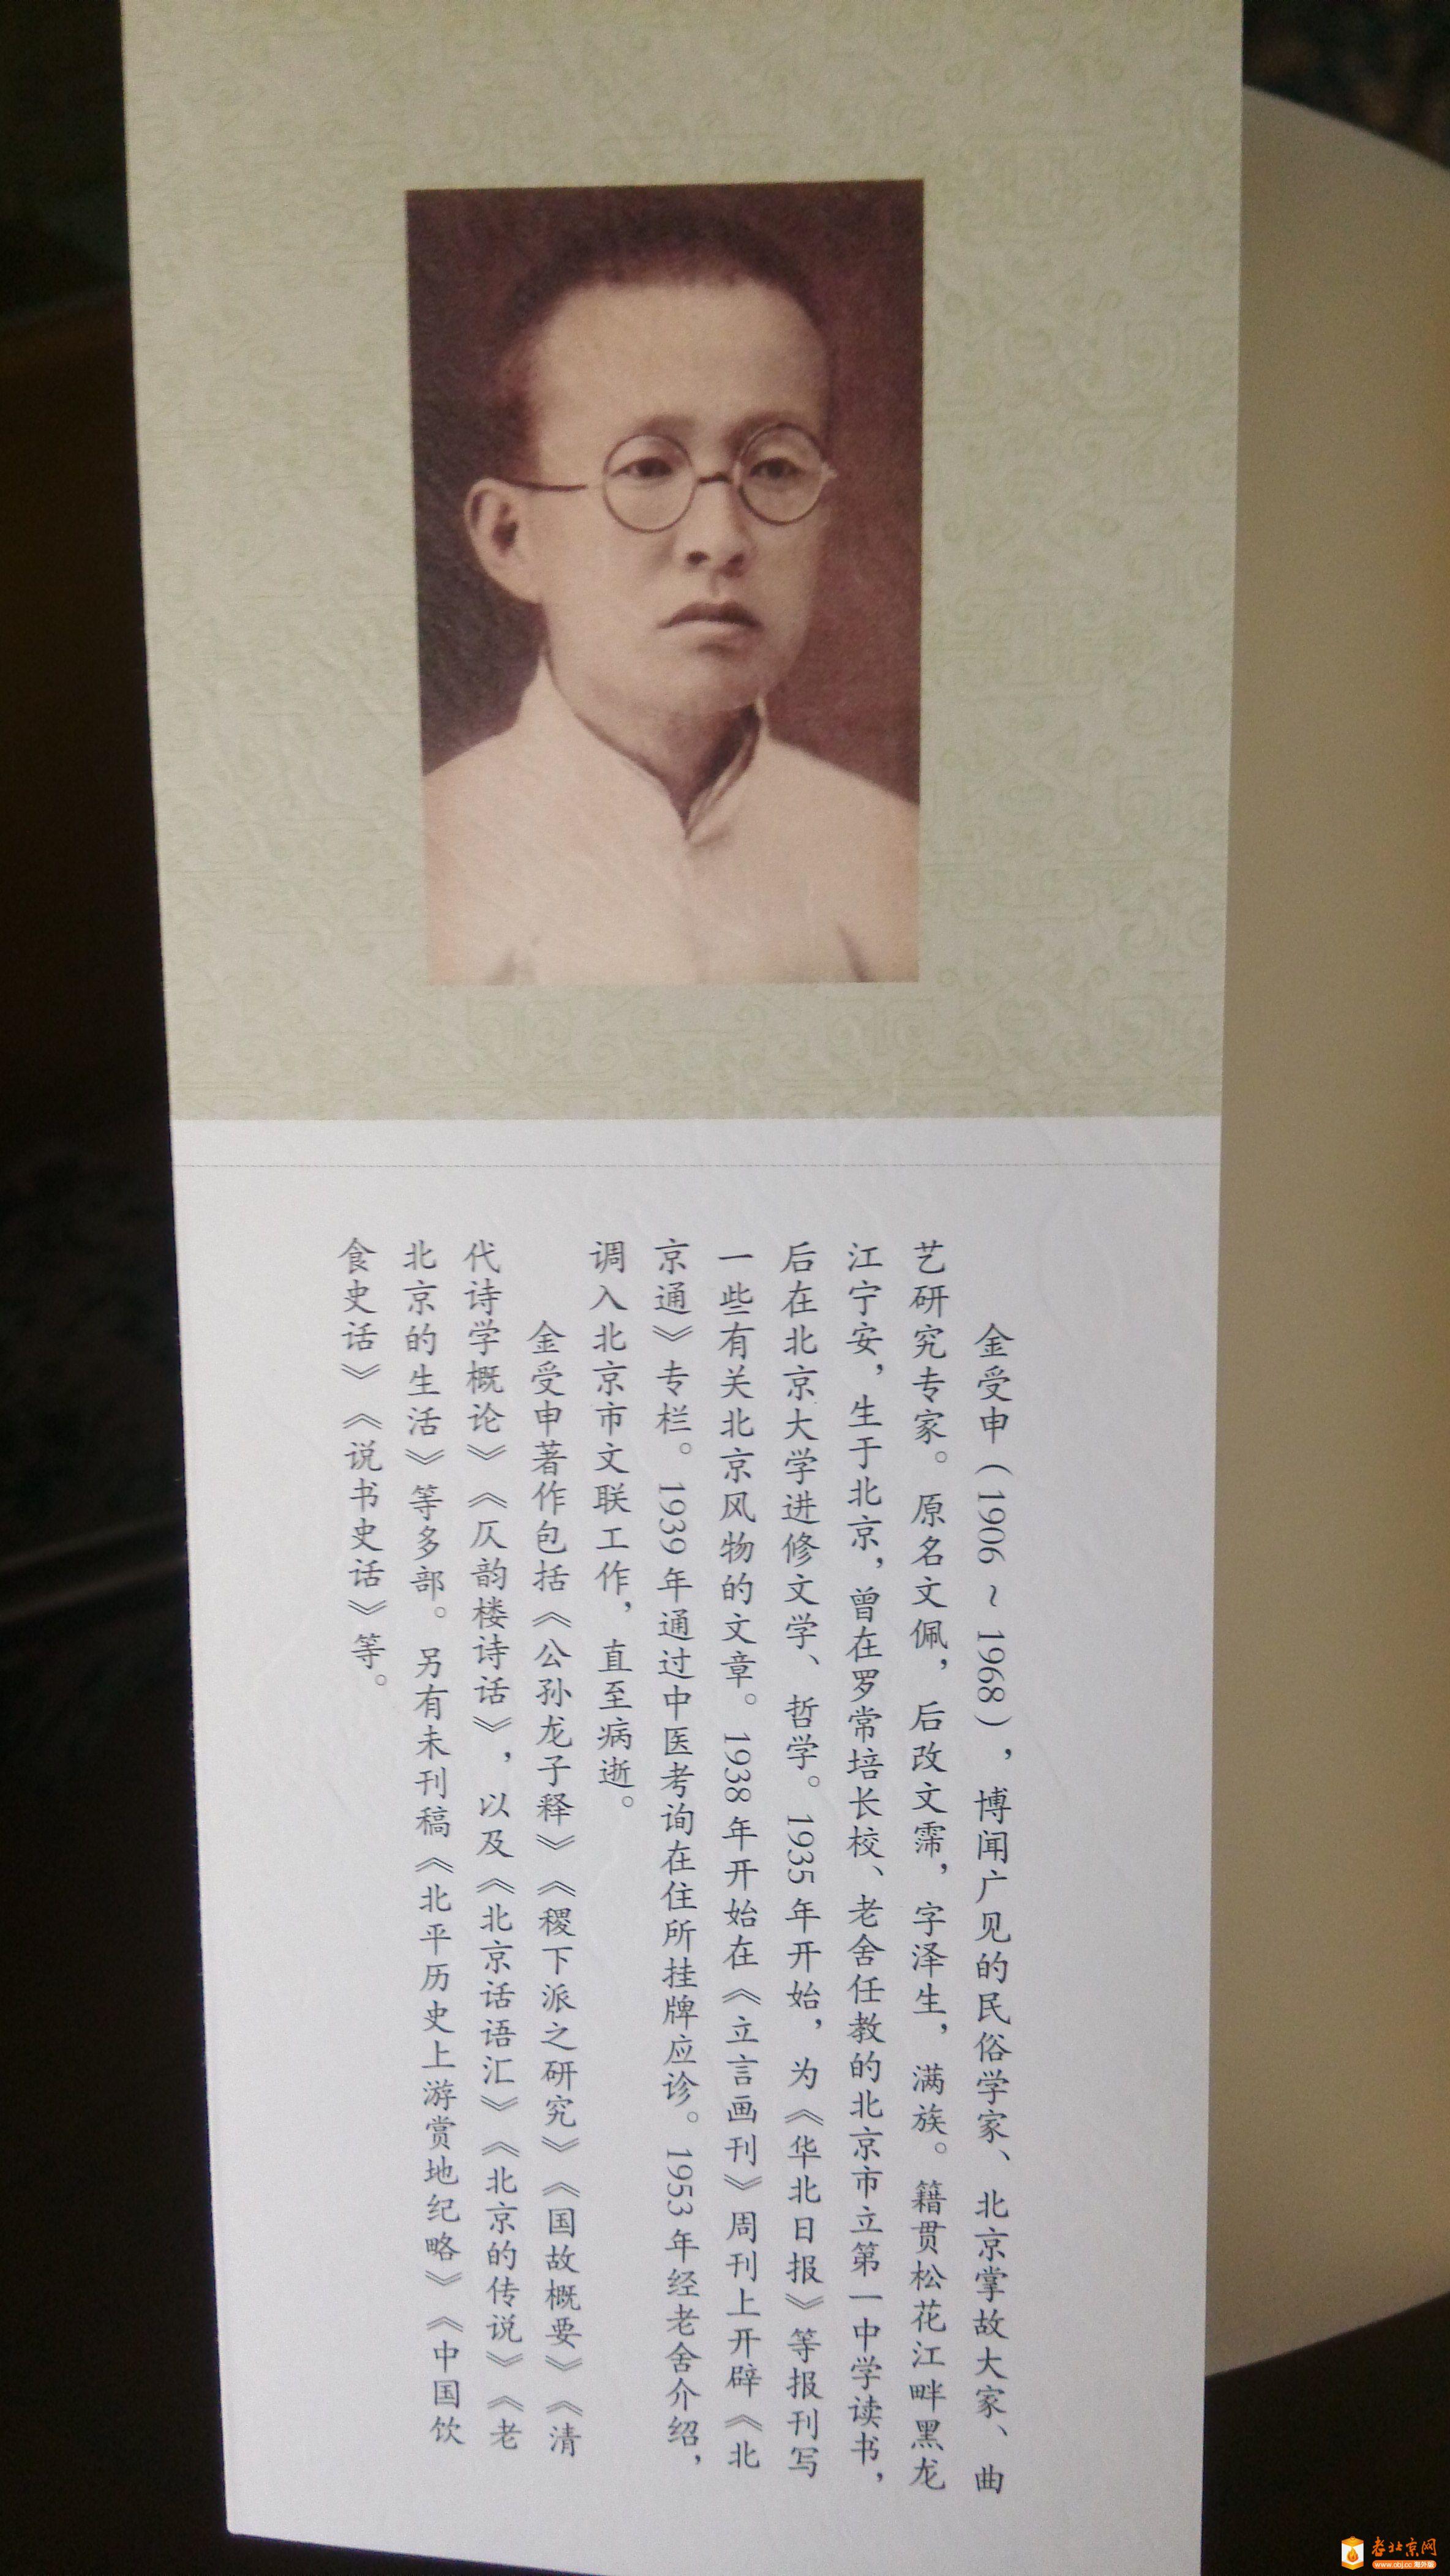 我的老祖——金受申先生的部分著作